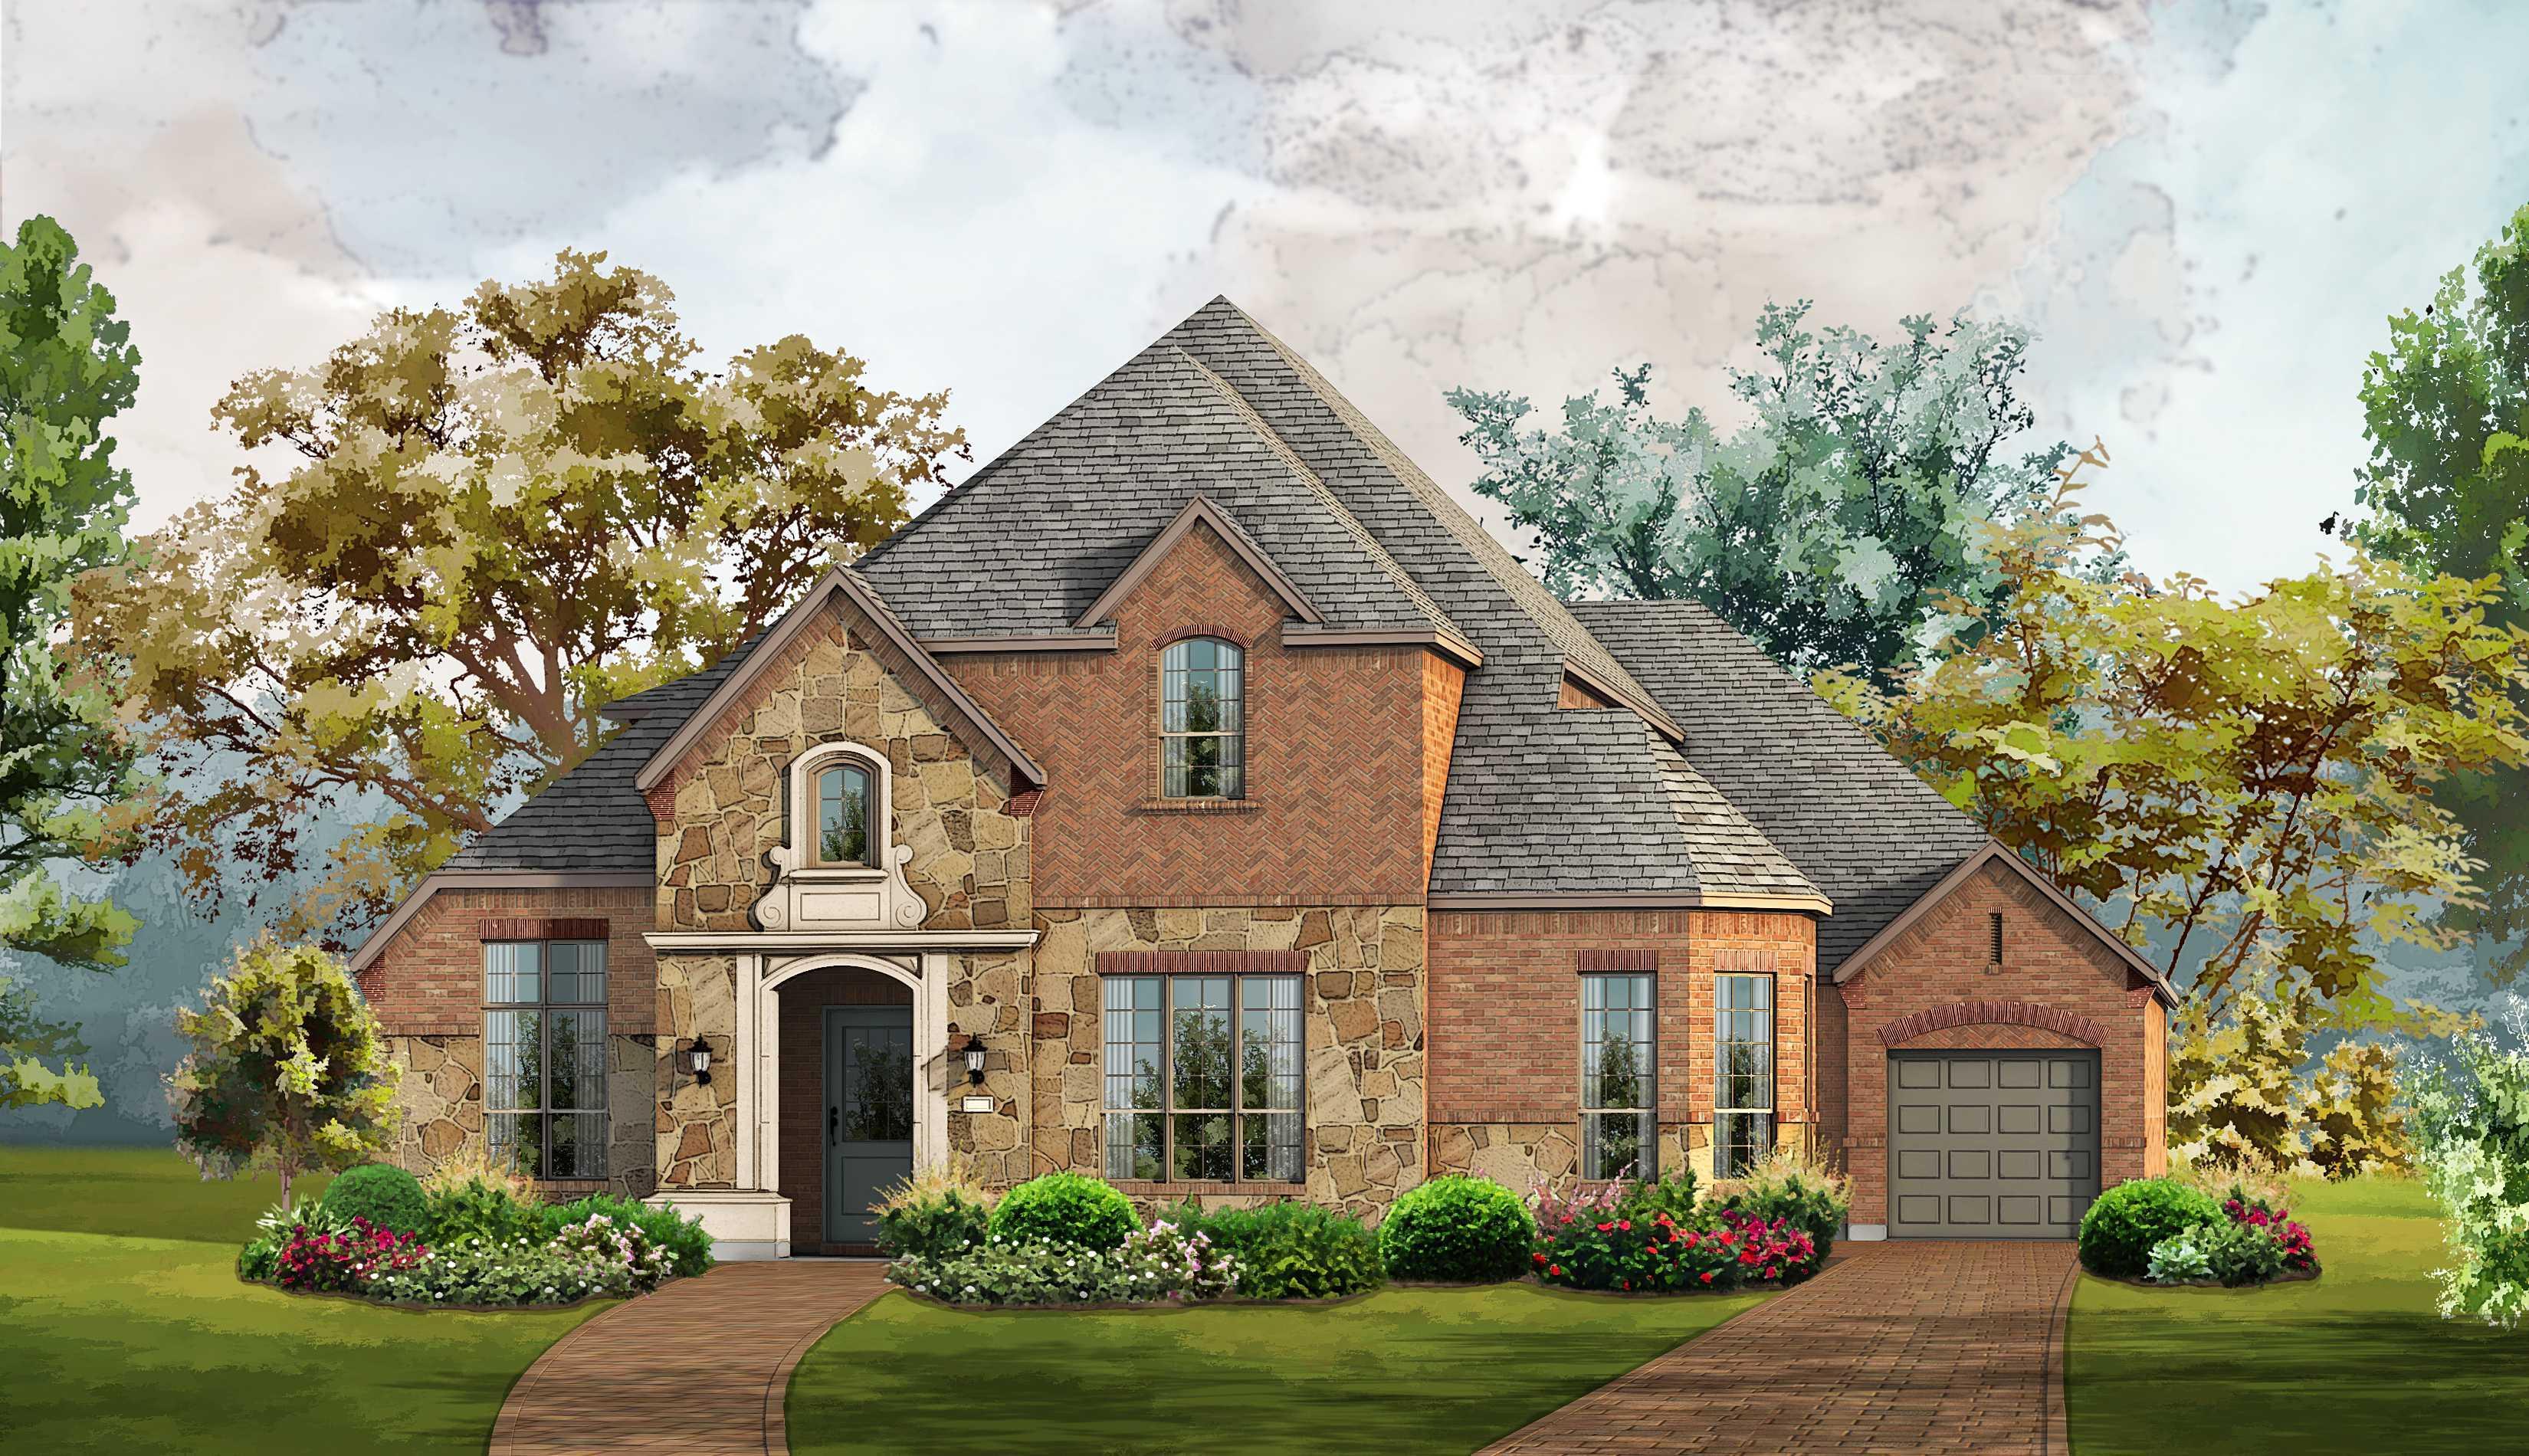 Single Family for Sale at 3950 4351 Honeyvine Lane Prosper, Texas 75078 United States